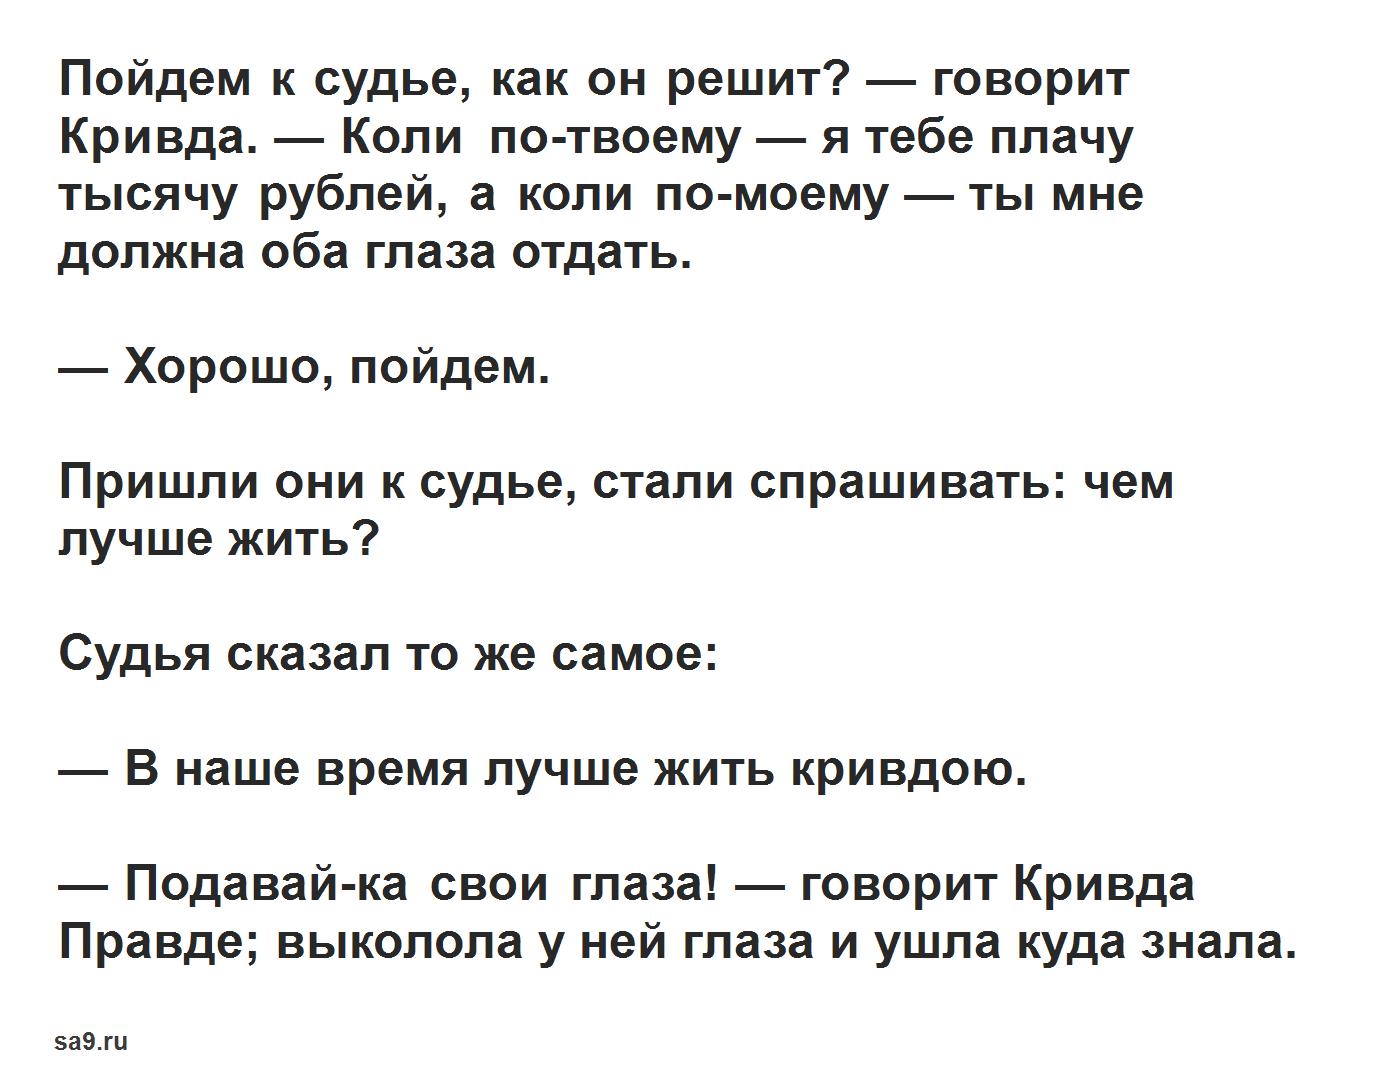 Русская народная сказка - Правда и Кривда, читать онлайн бесплатно